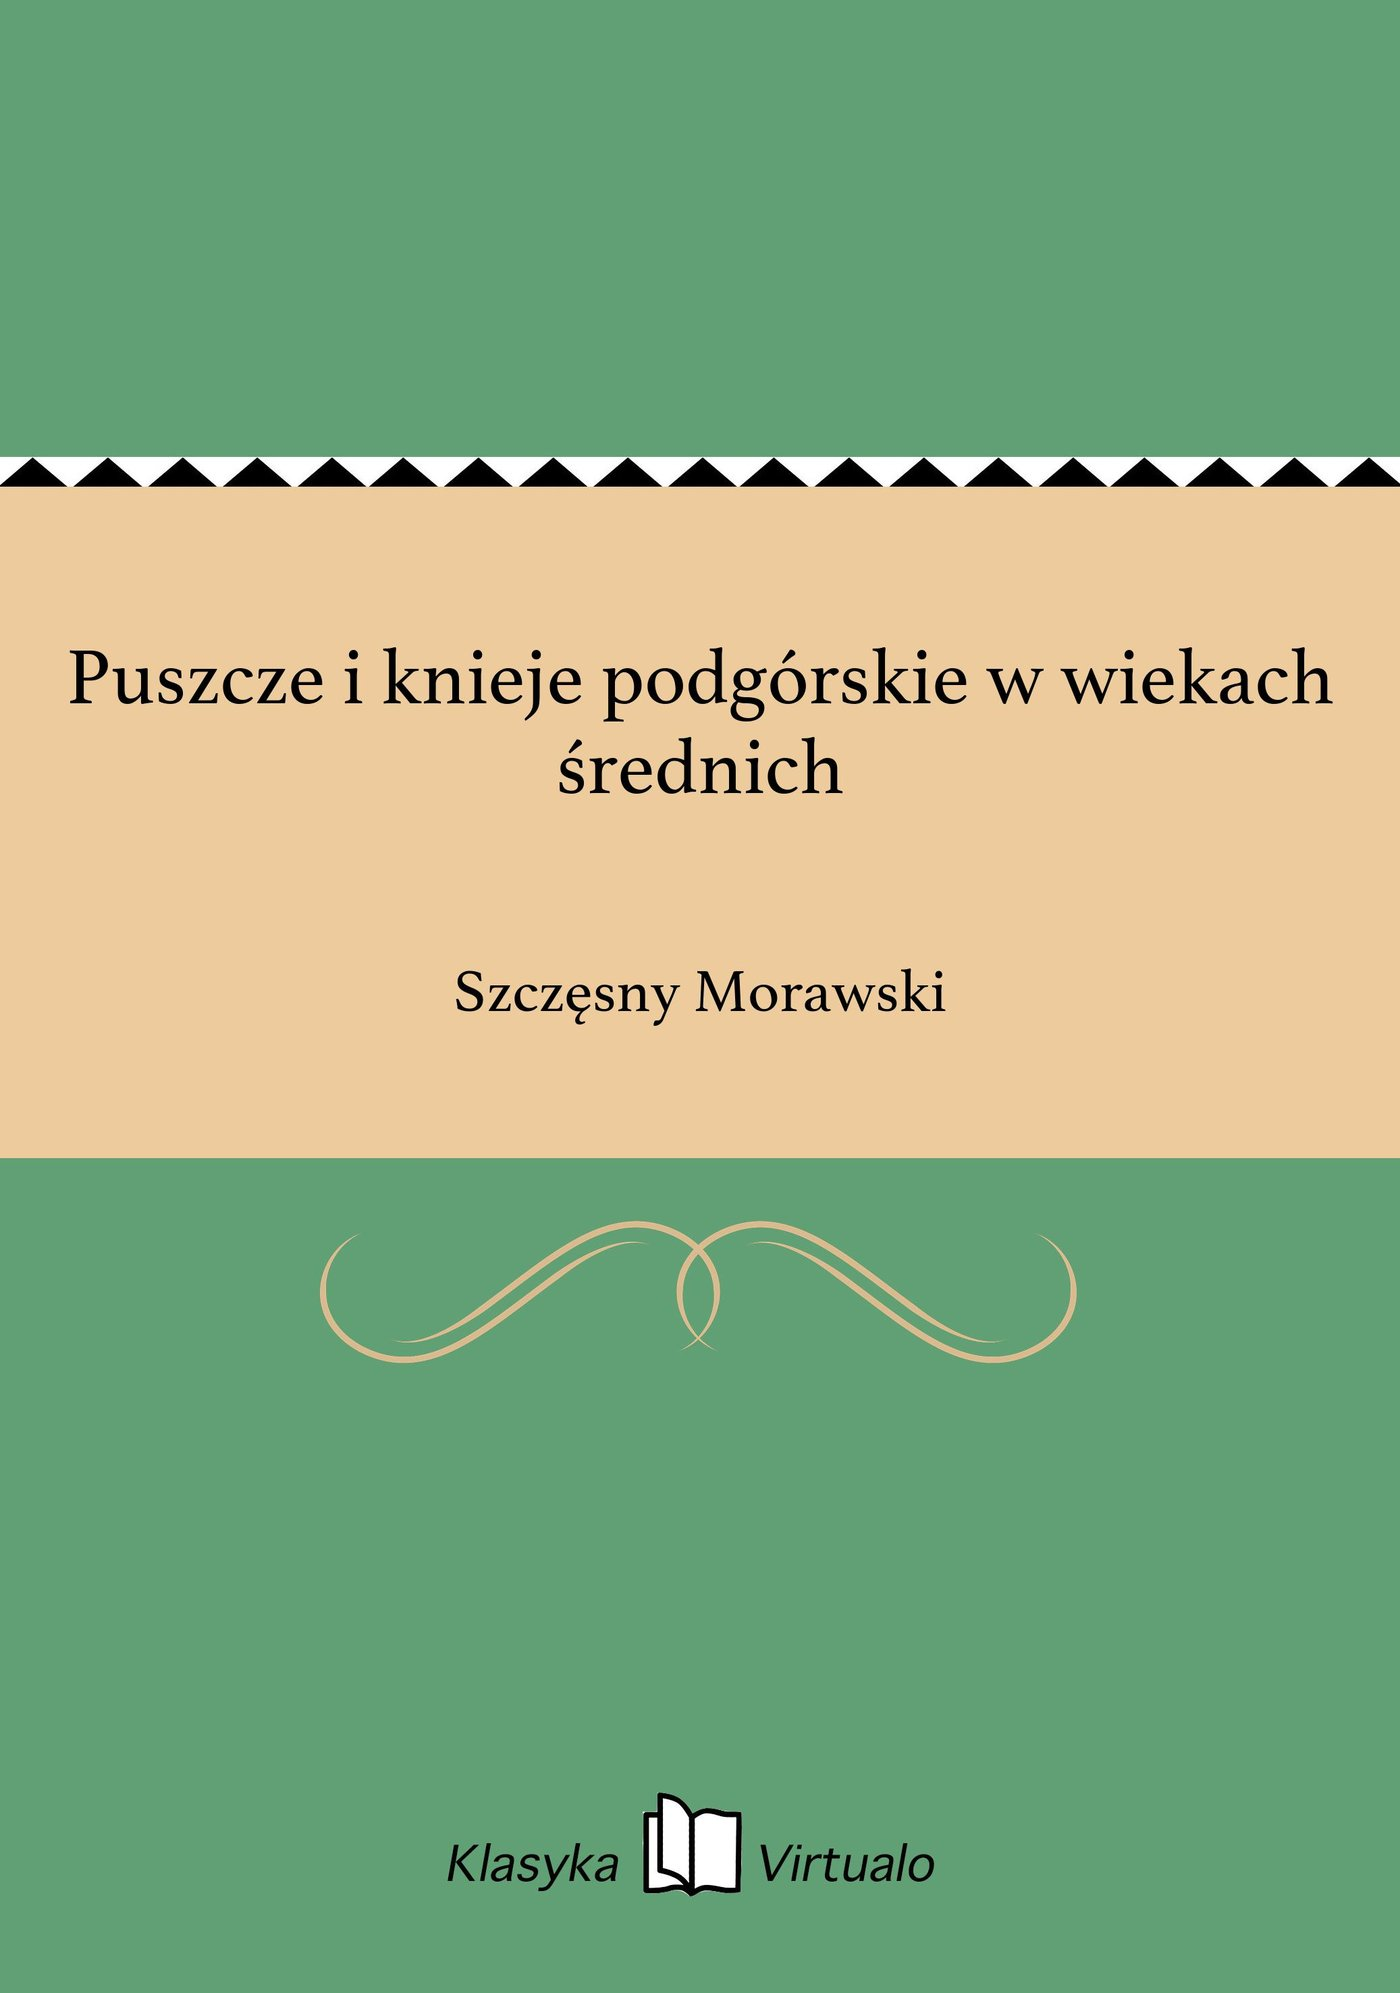 Puszcze i knieje podgórskie w wiekach średnich - Ebook (Książka na Kindle) do pobrania w formacie MOBI